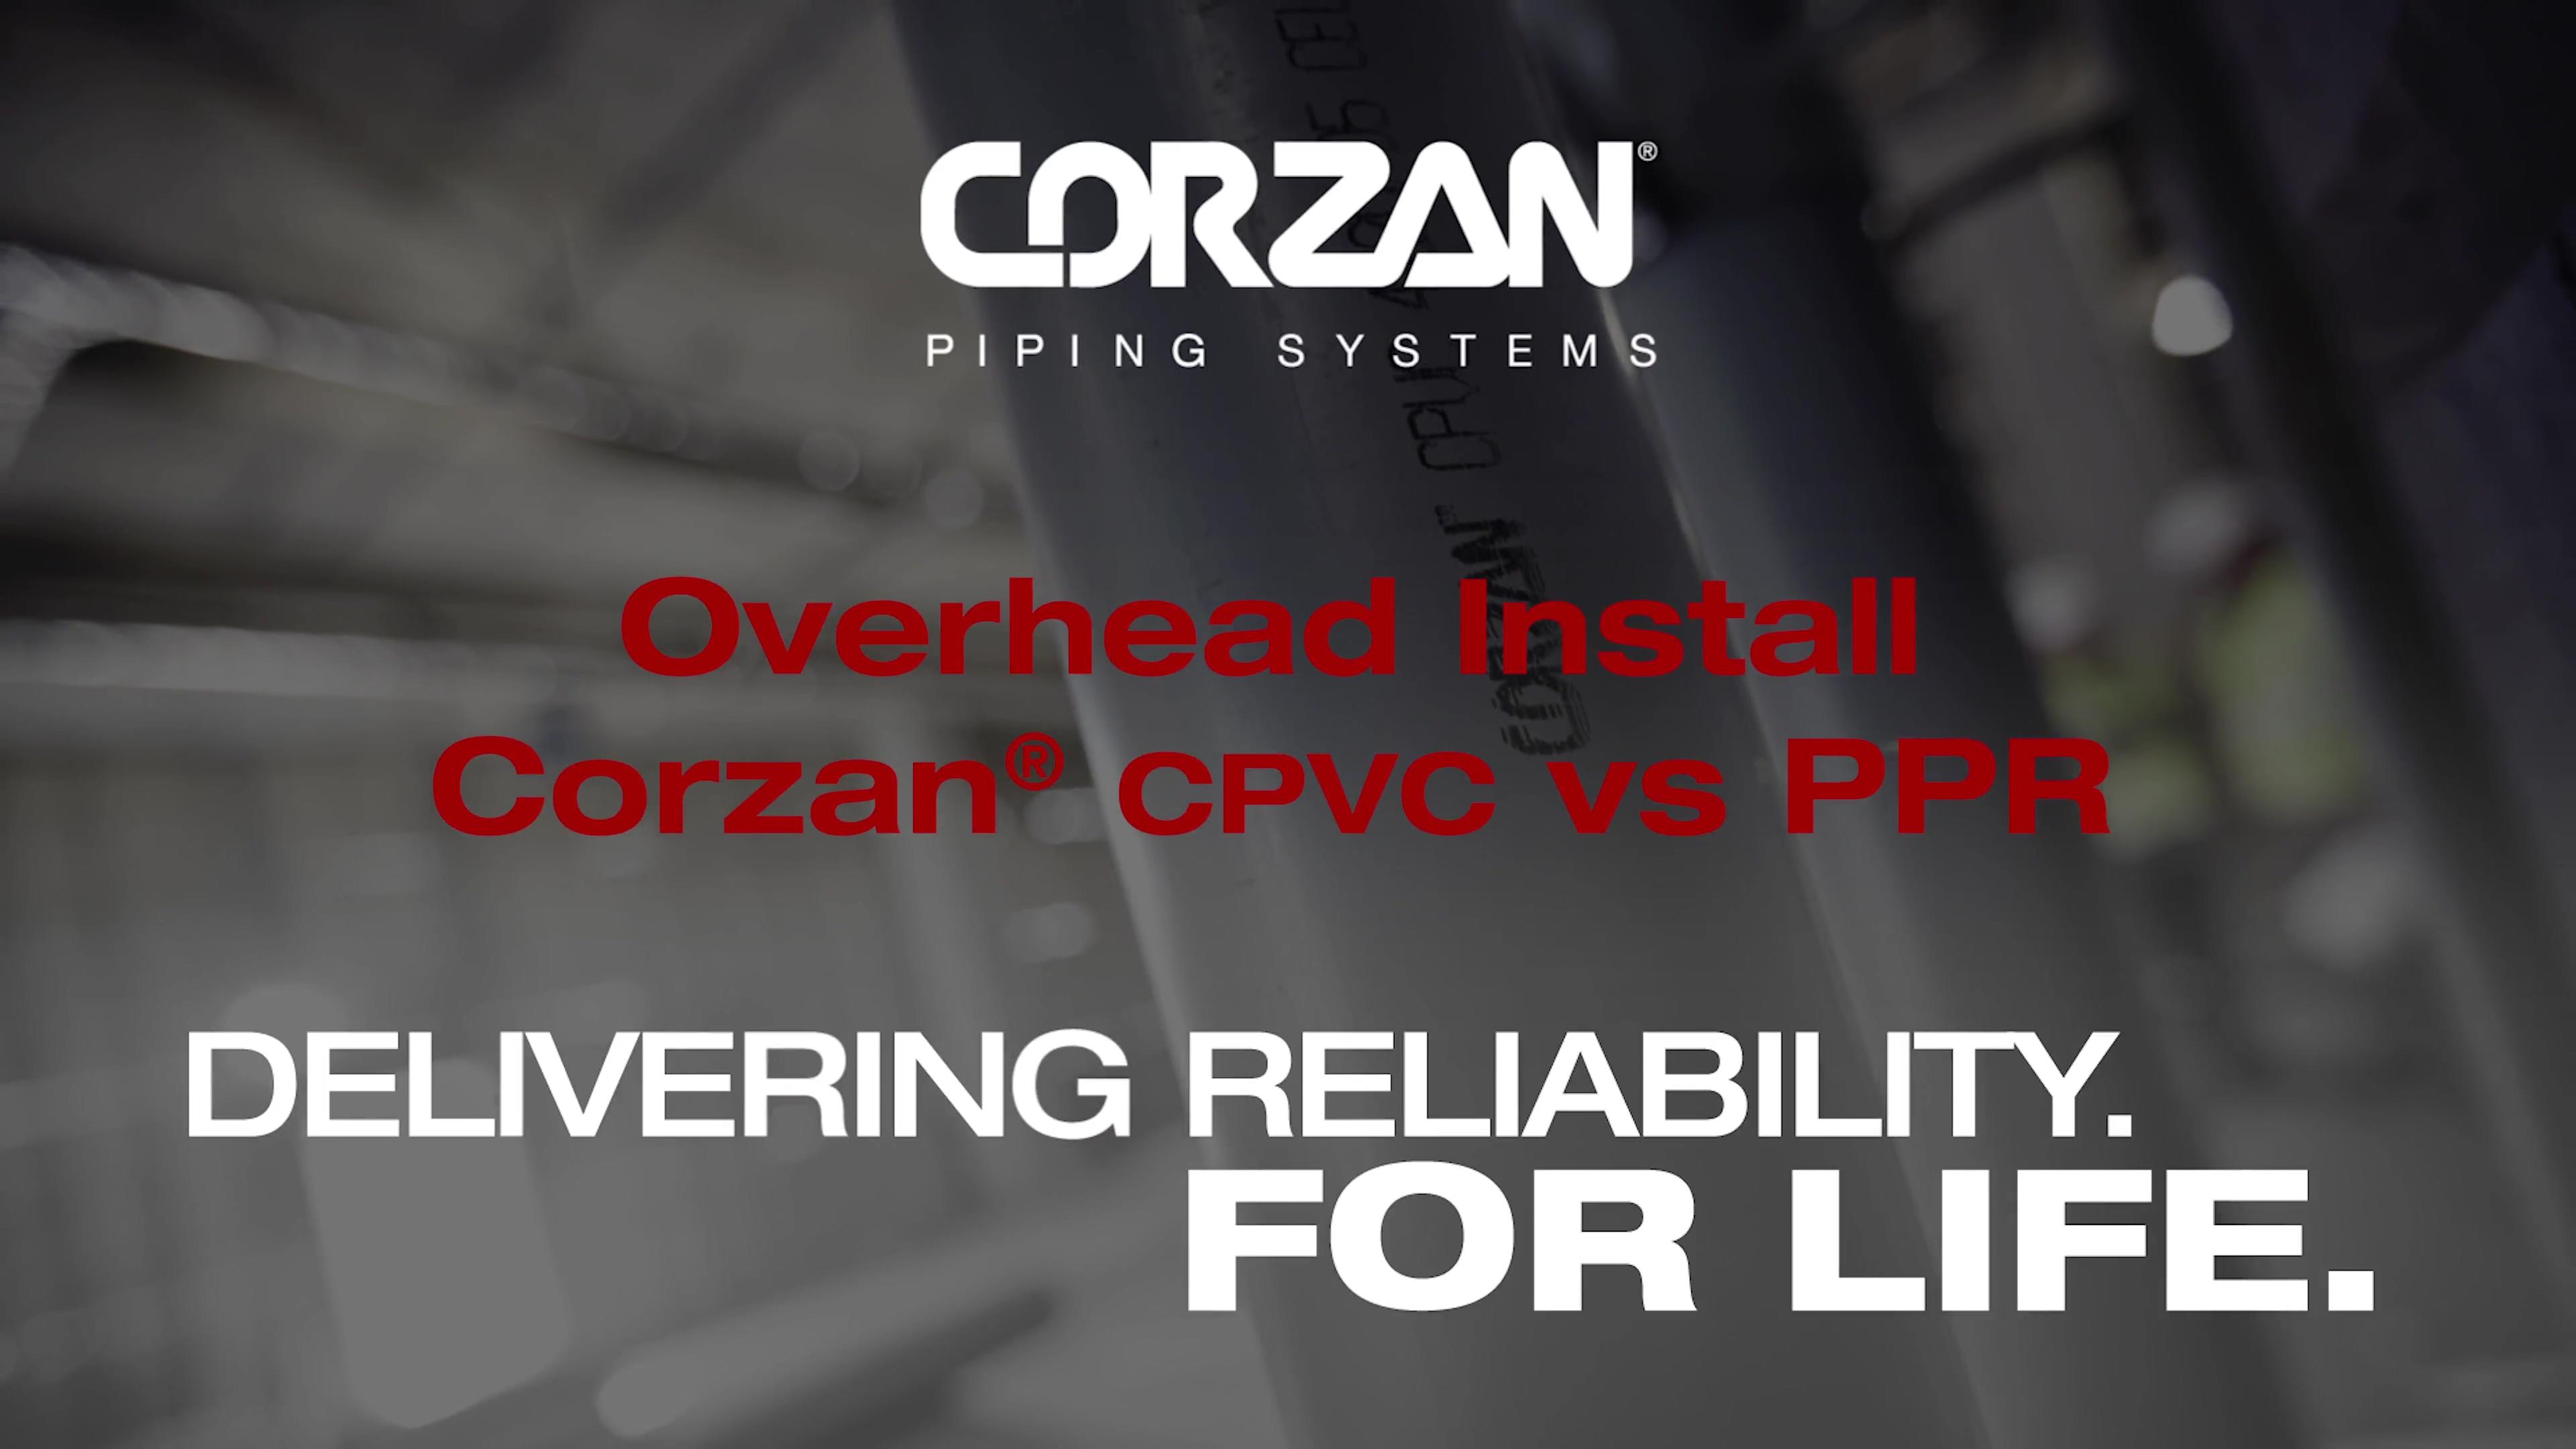 Corzan_CPVC_vs_PPR_Overhead_Install